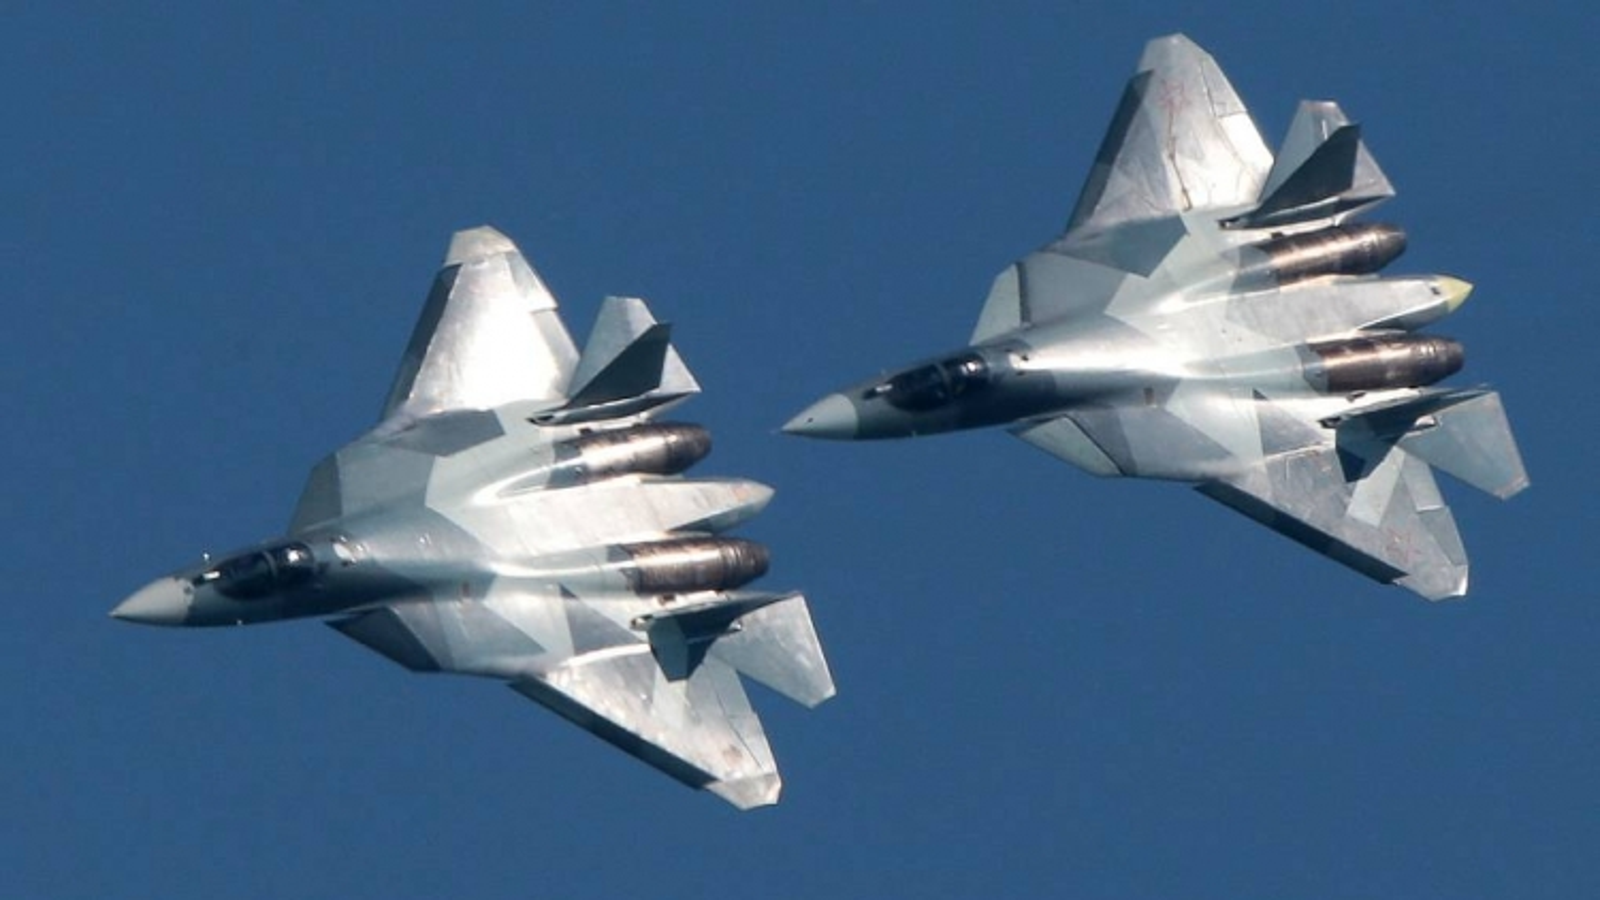 Thổ Nhĩ Kỳ sẽ mua các tiêm kích mới nhất của Nga nếu Mỹ từ chối bán F-16